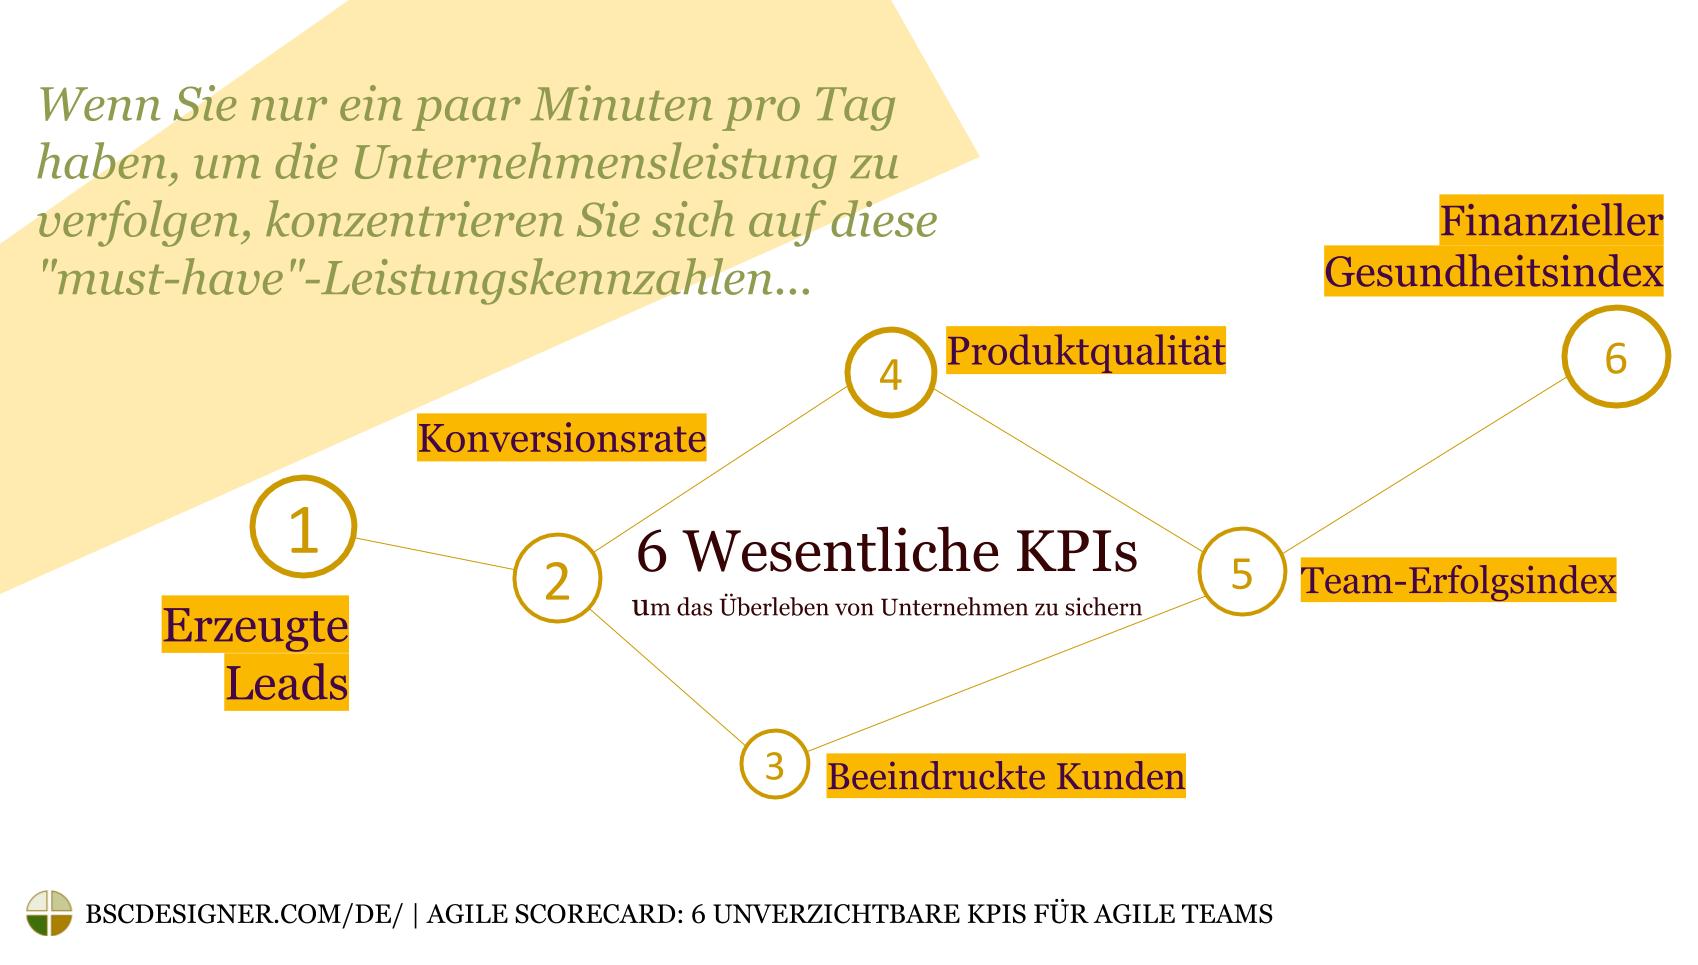 6 Essentielle KPIs zur Sicherung des Überlebens des Unternehmens